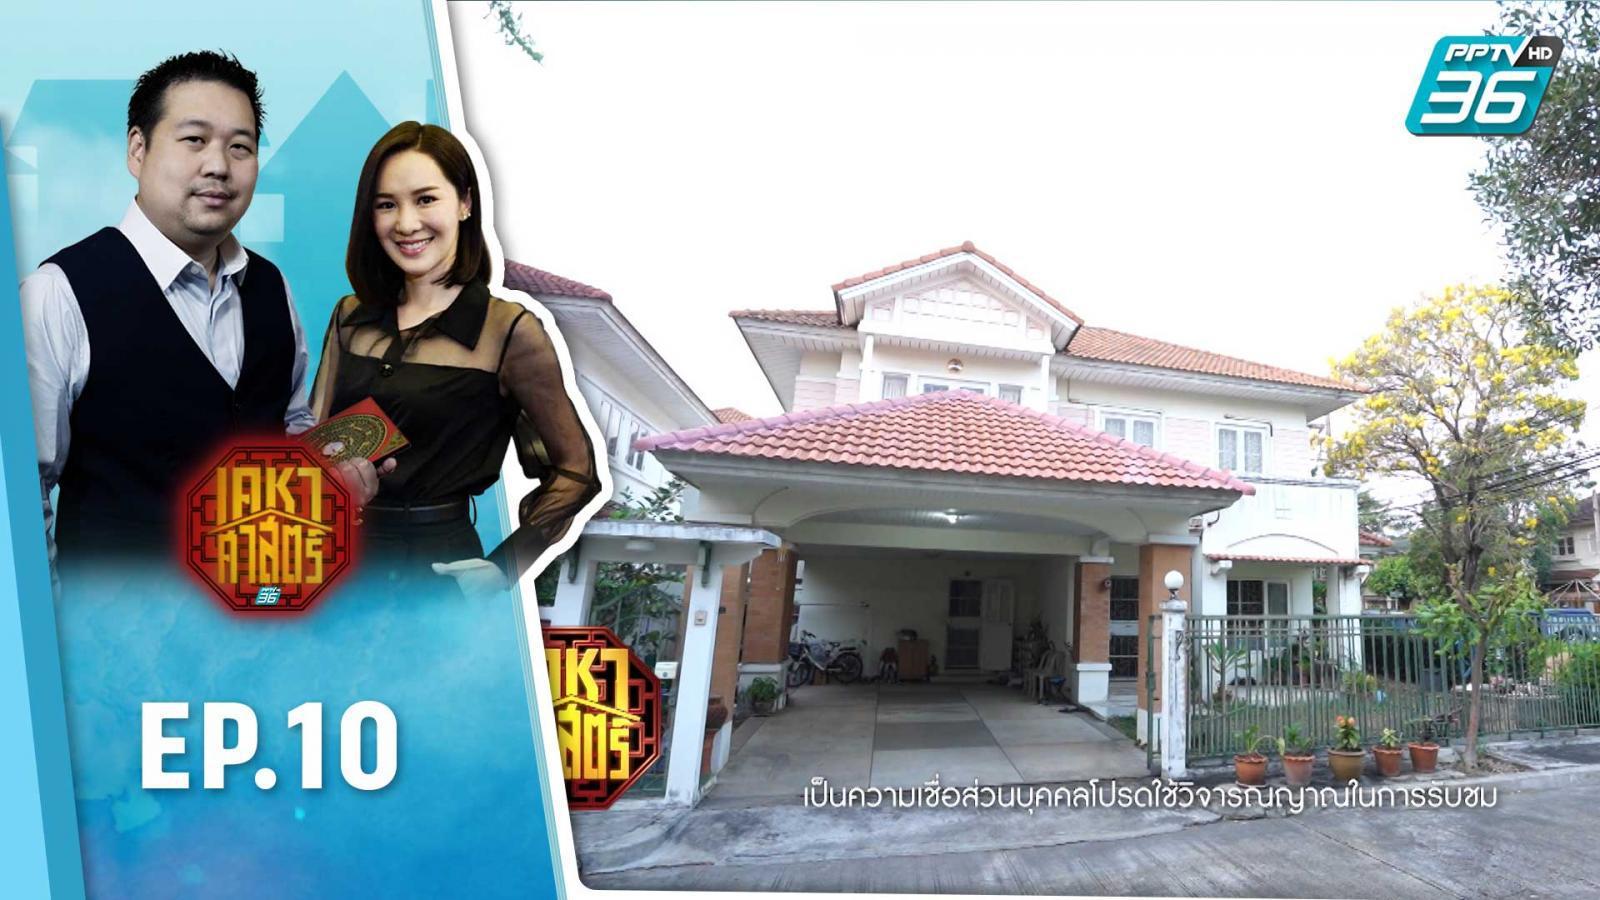 เคหาศาสตร์ EP.10    บ้านนี้อยู่กับวิญญาณ   PPTV HD 36